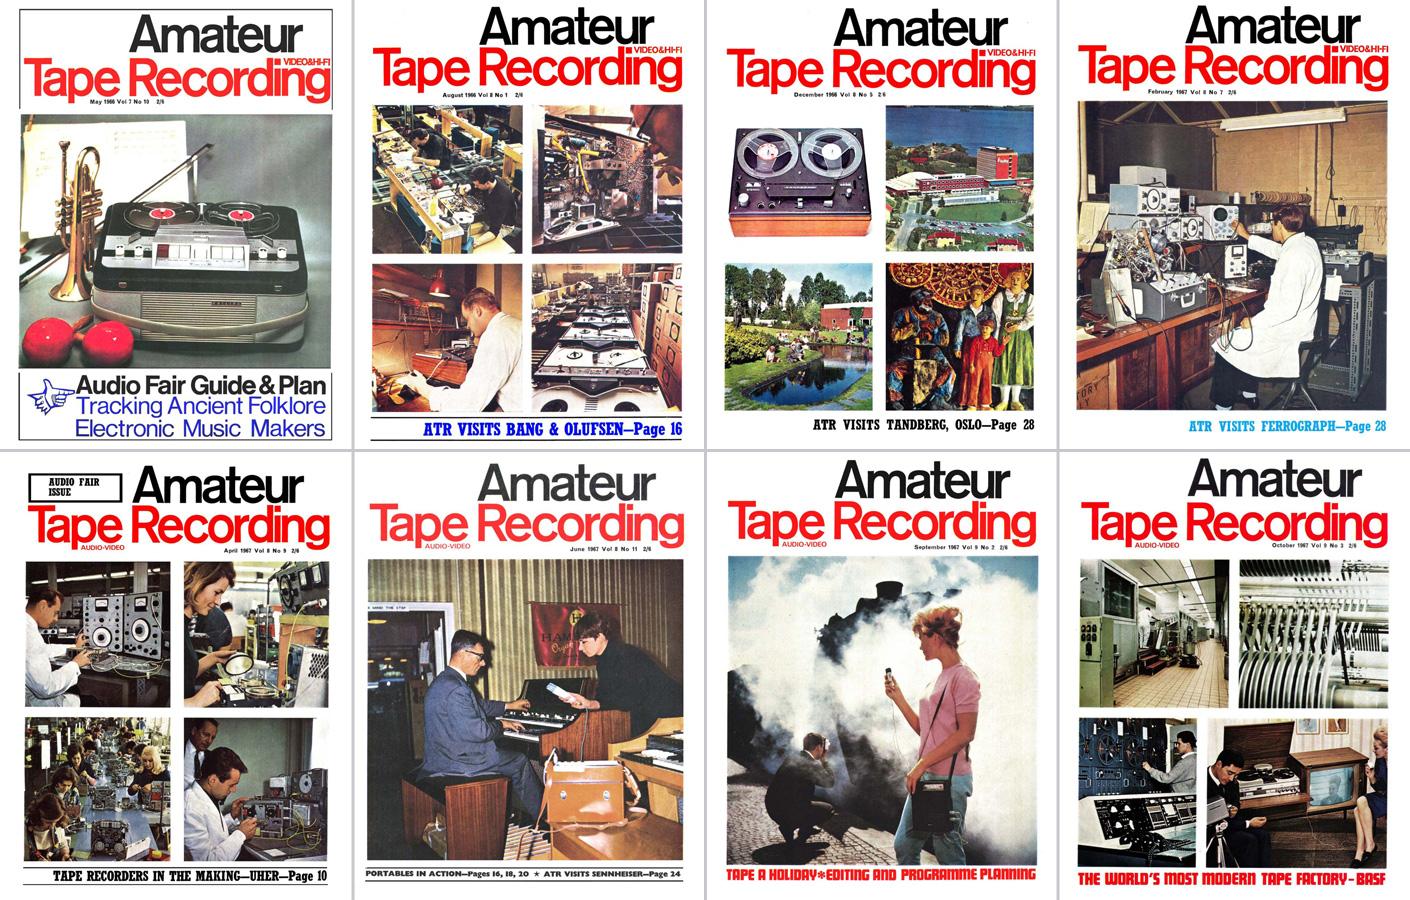 Amateur tape